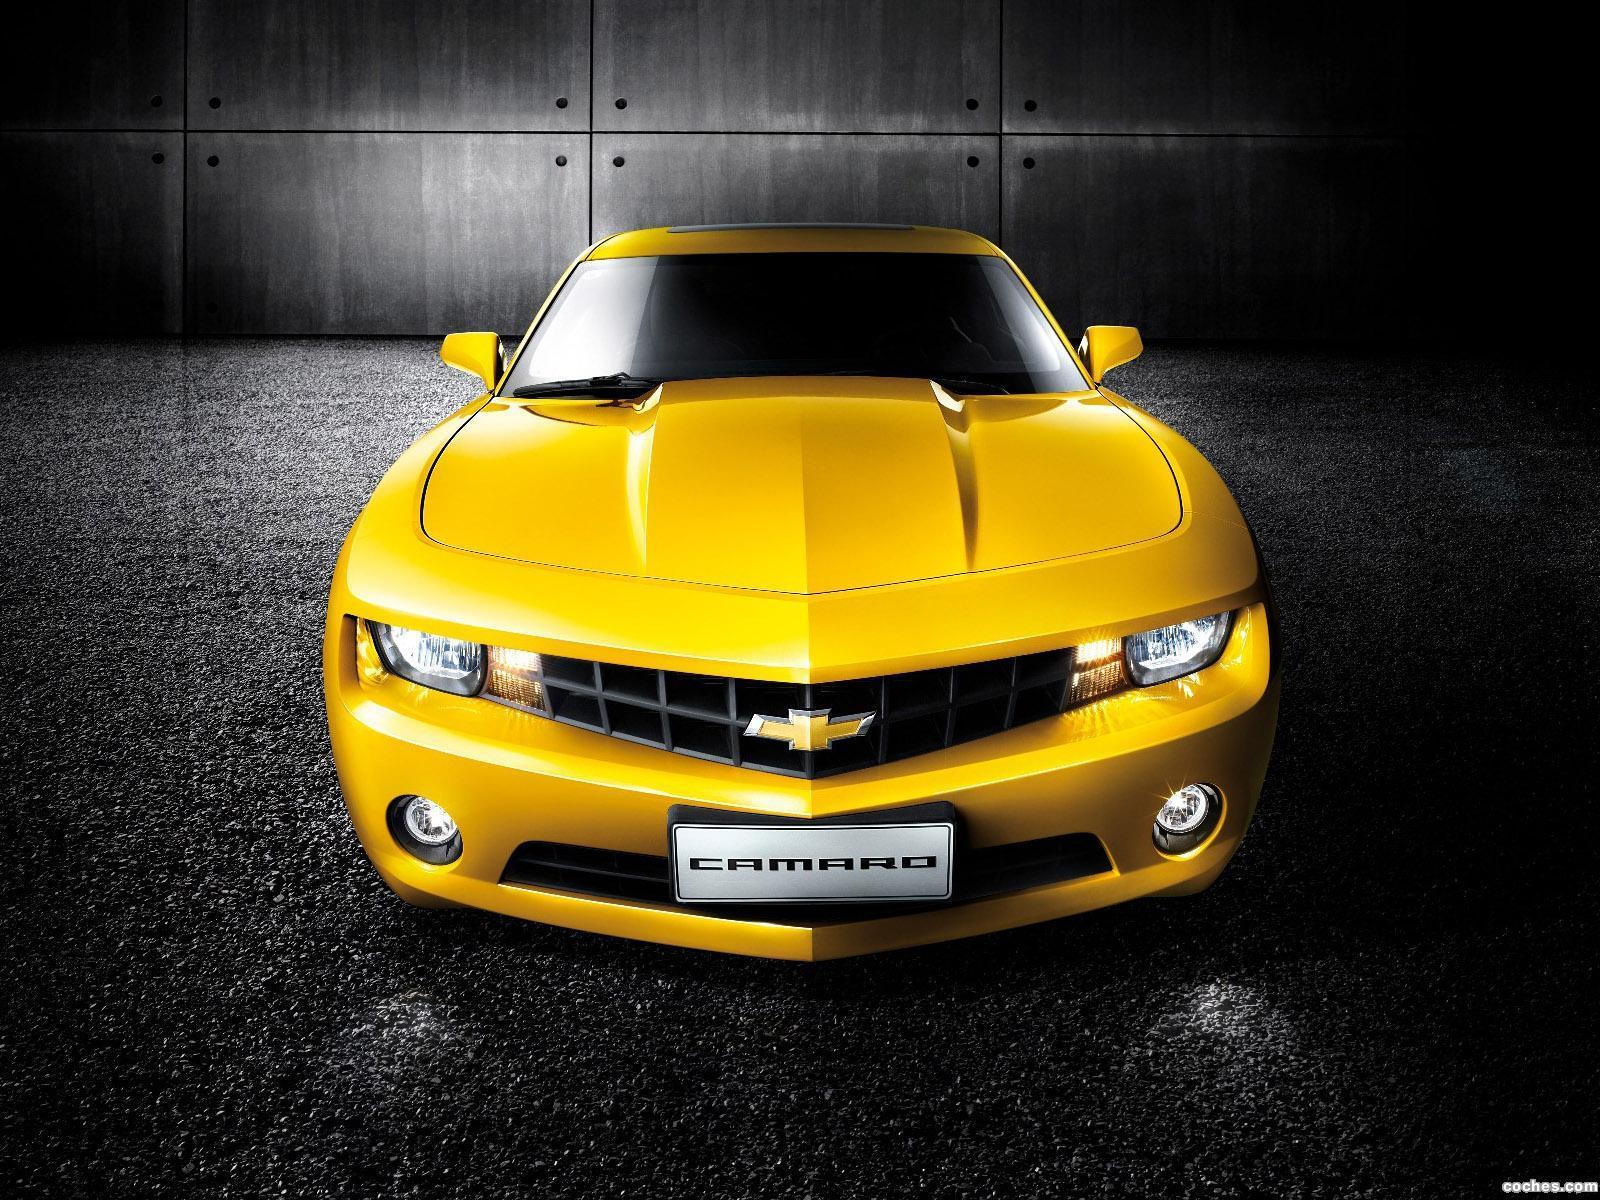 Foto 0 de Chevrolet Camaro Bumblebee 2011